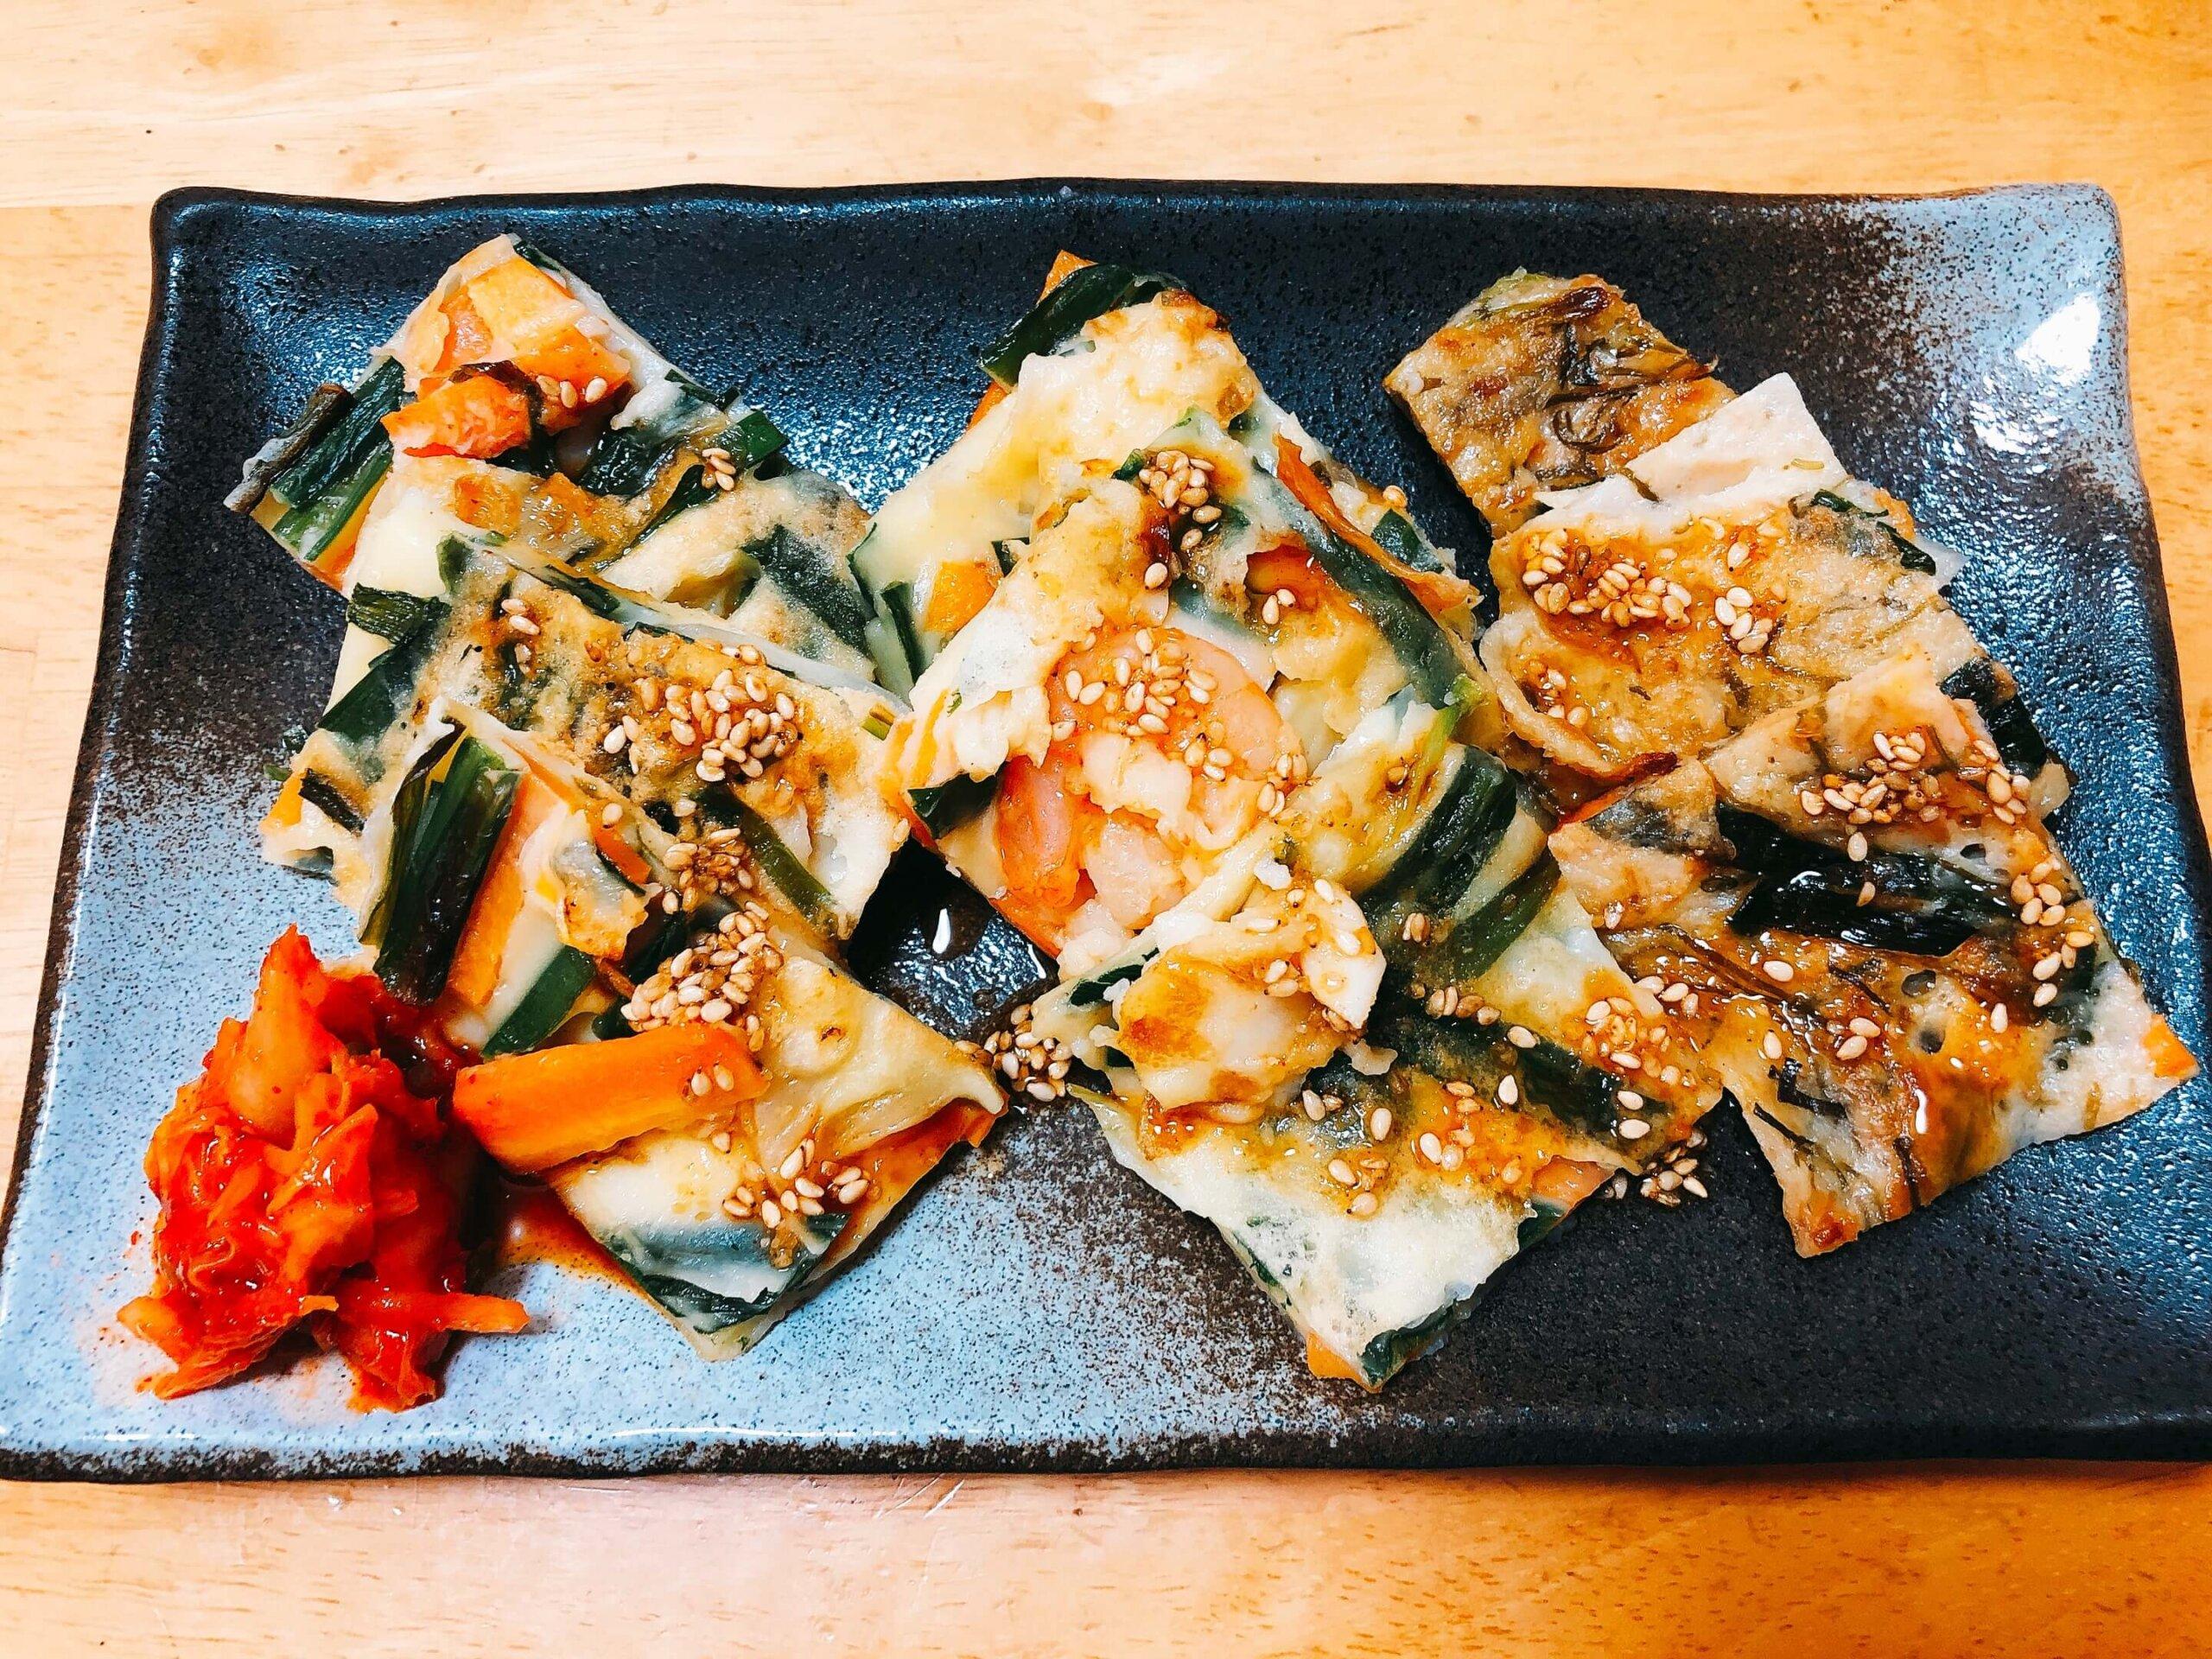 野菜・海鮮・ツナめかぶチヂミの3種盛り